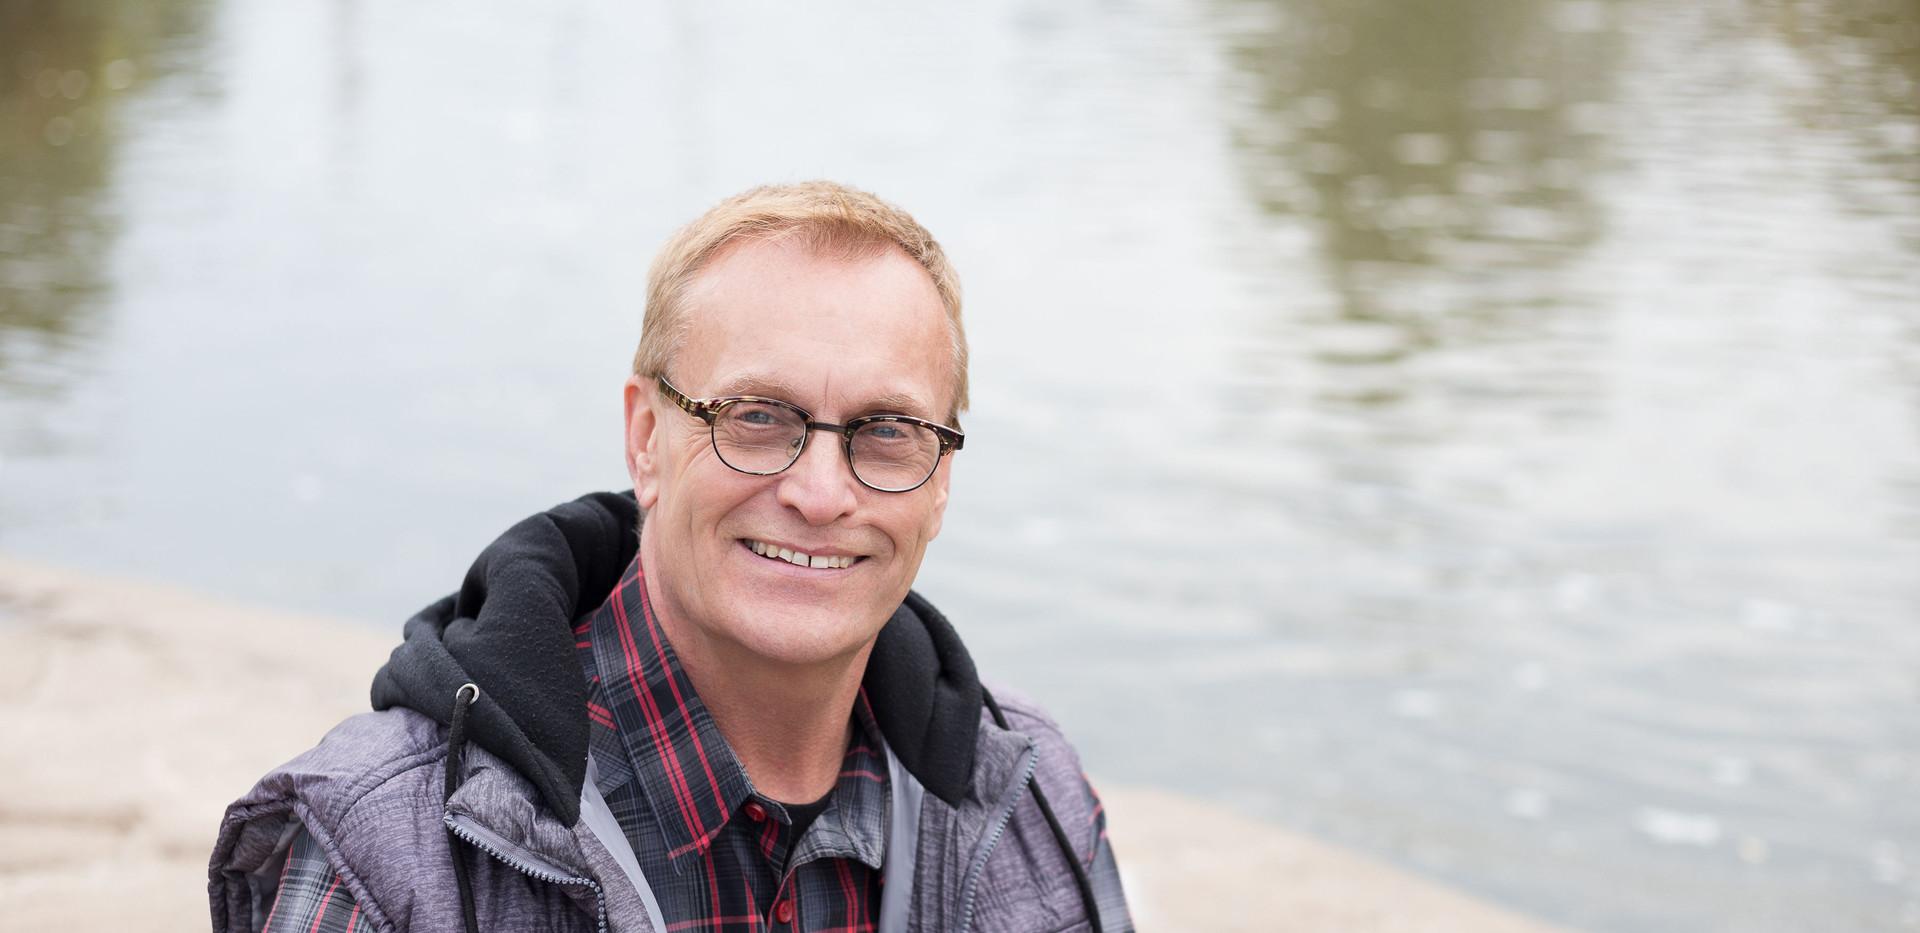 Lance Schendorf